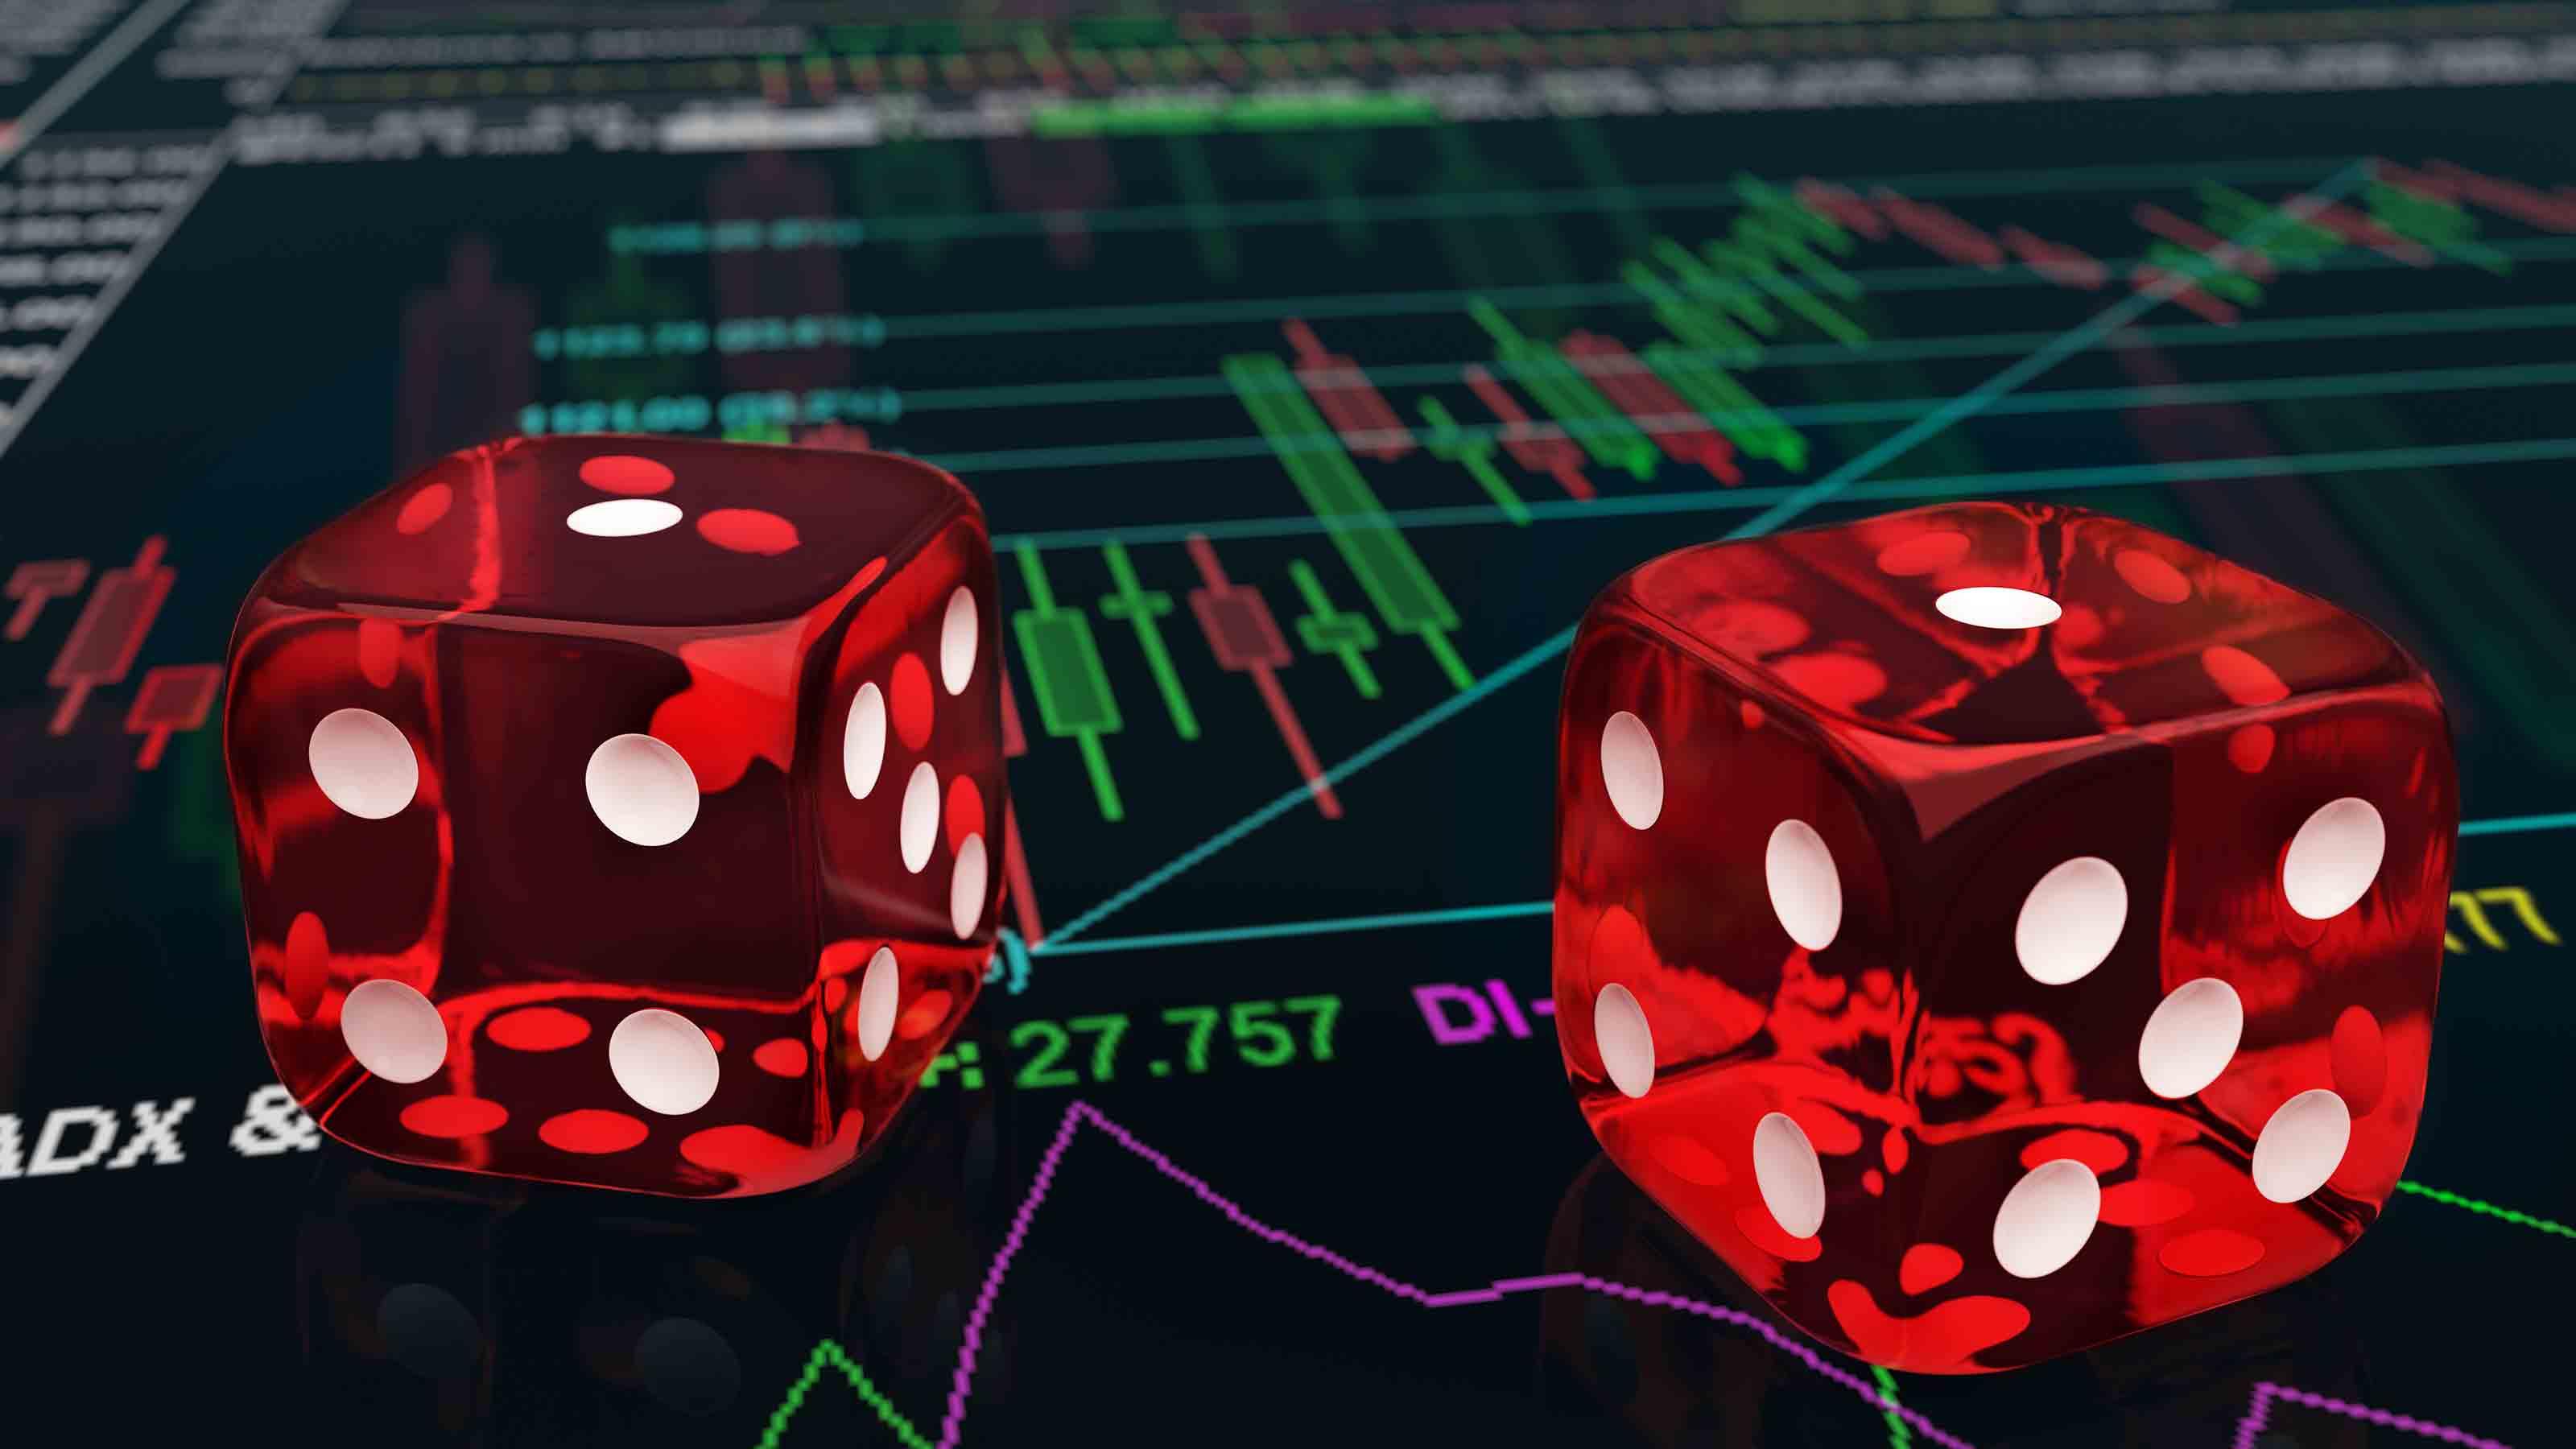 Gambling in Stocks Is Risky Business | Kiplinger